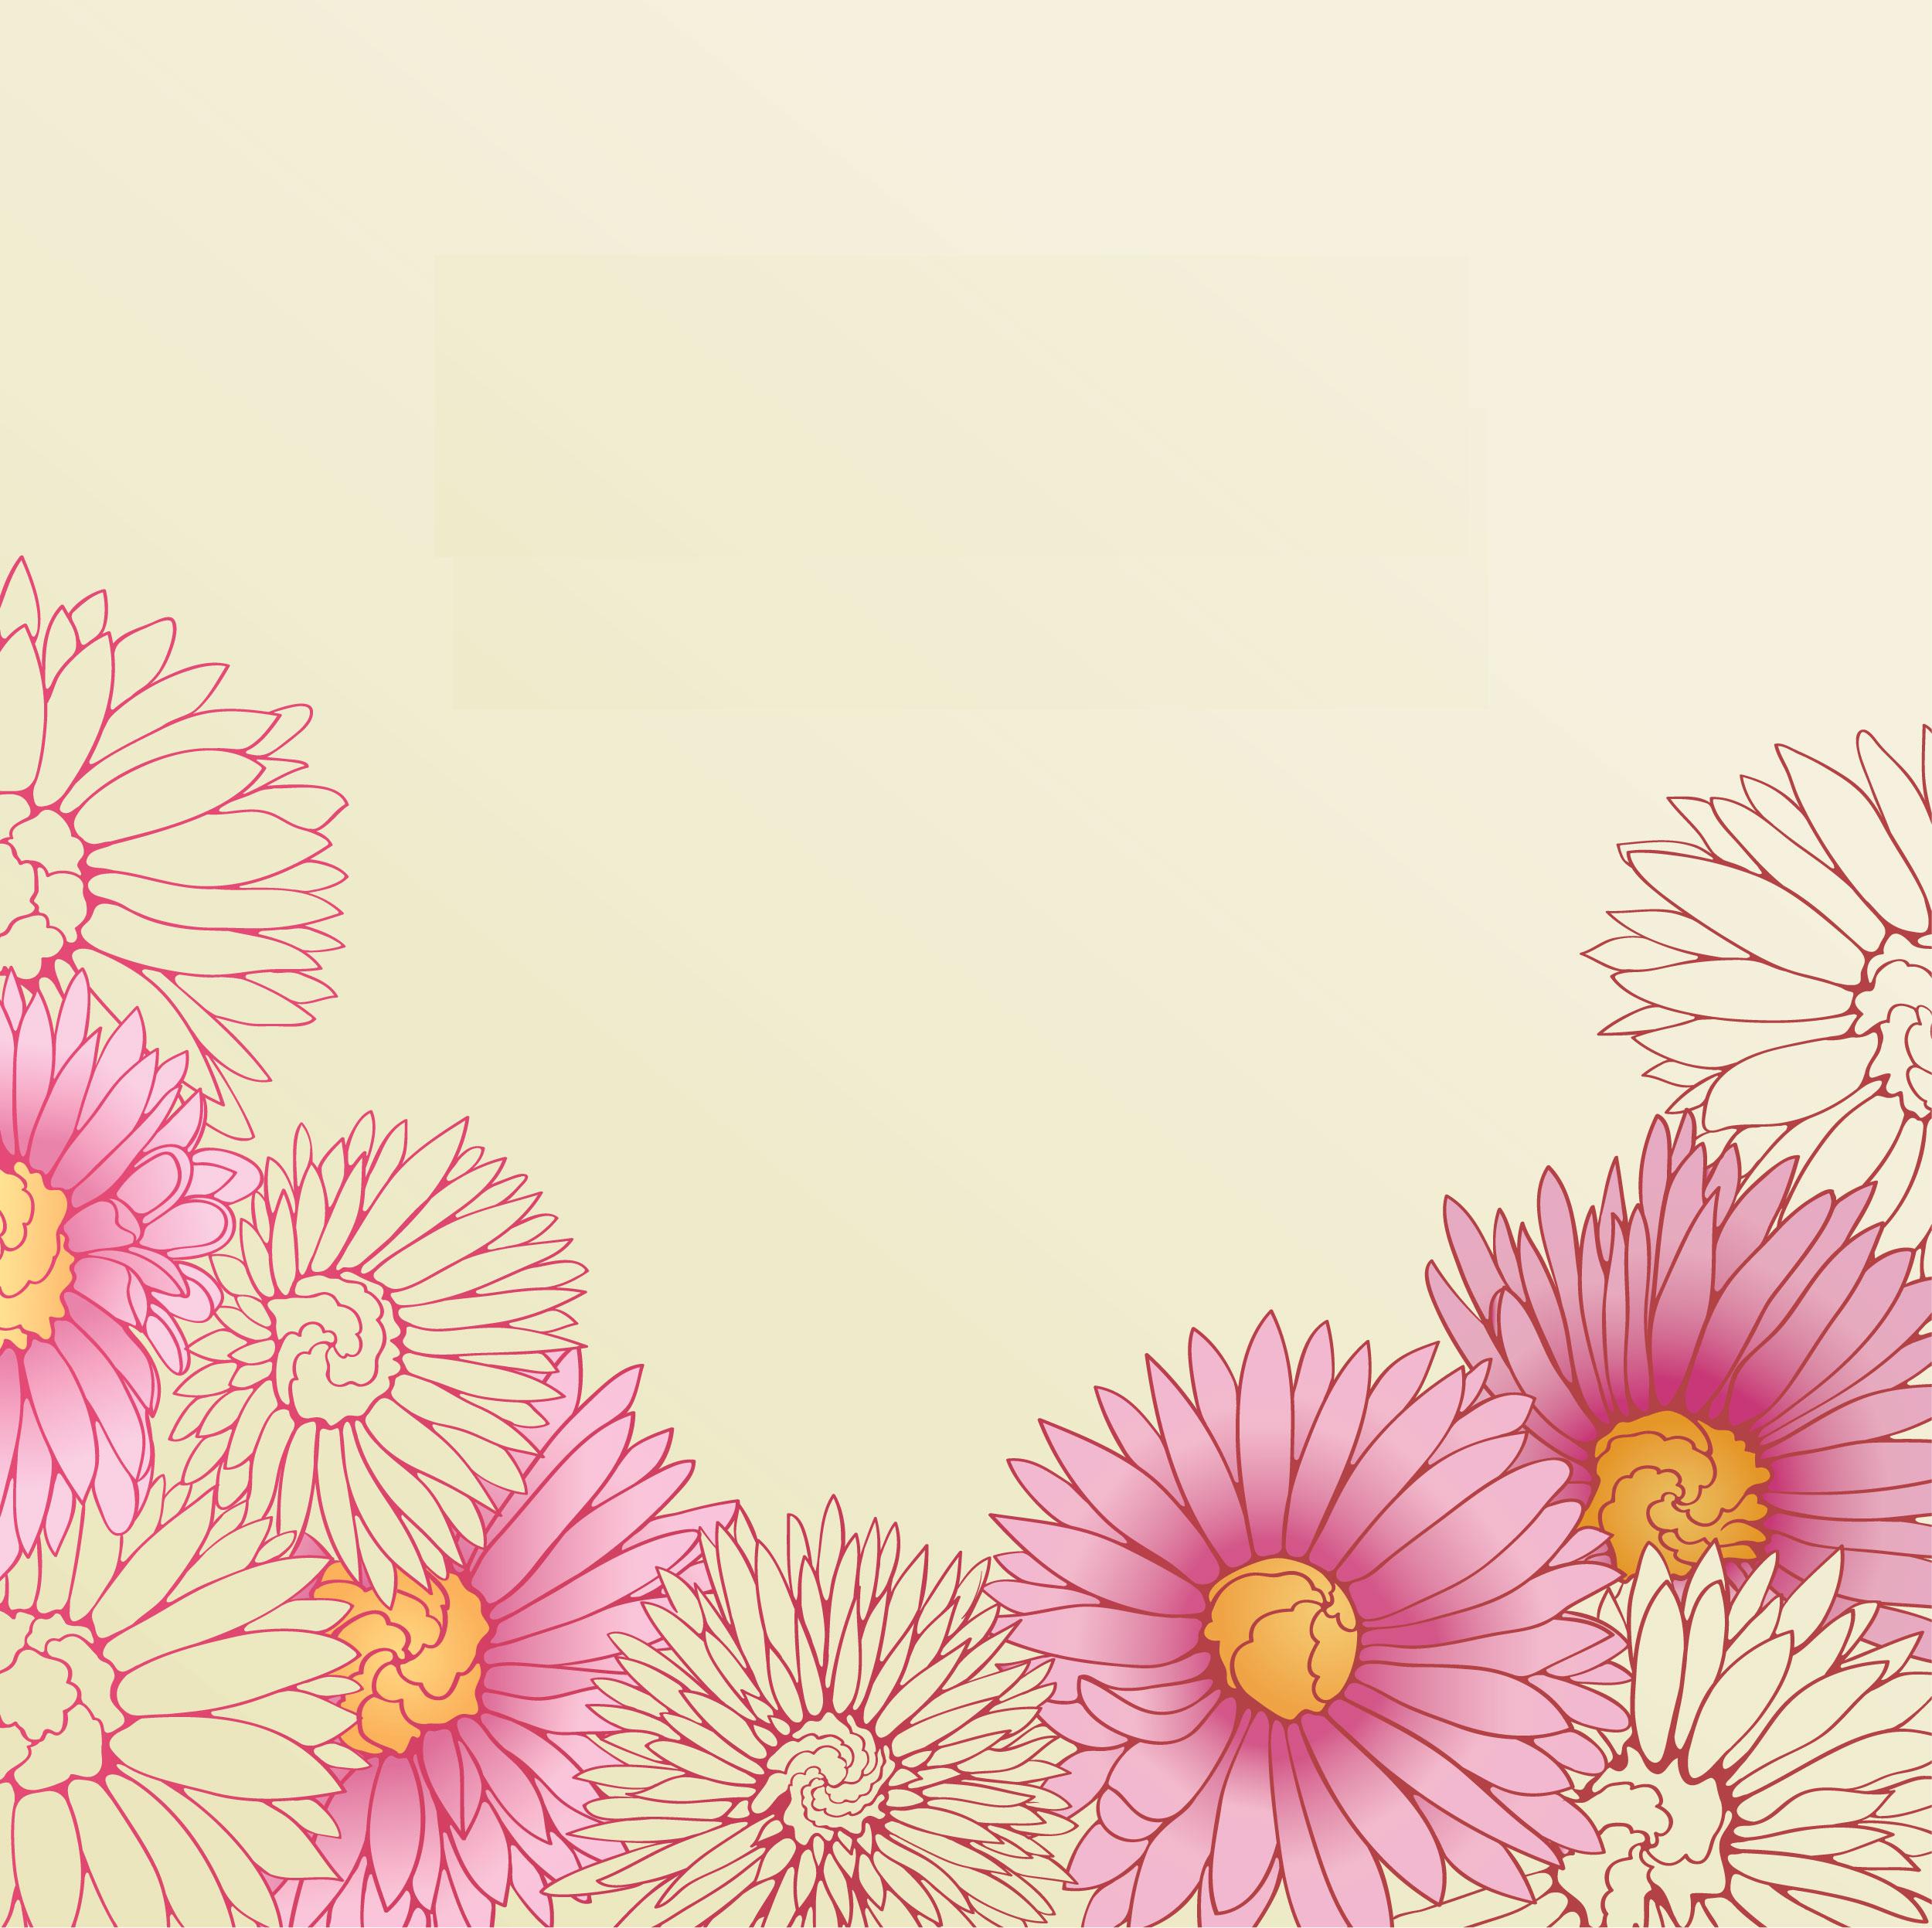 ガーベラ デージーのイラスト 画像no 44 壁紙 ガーベラ デイジー